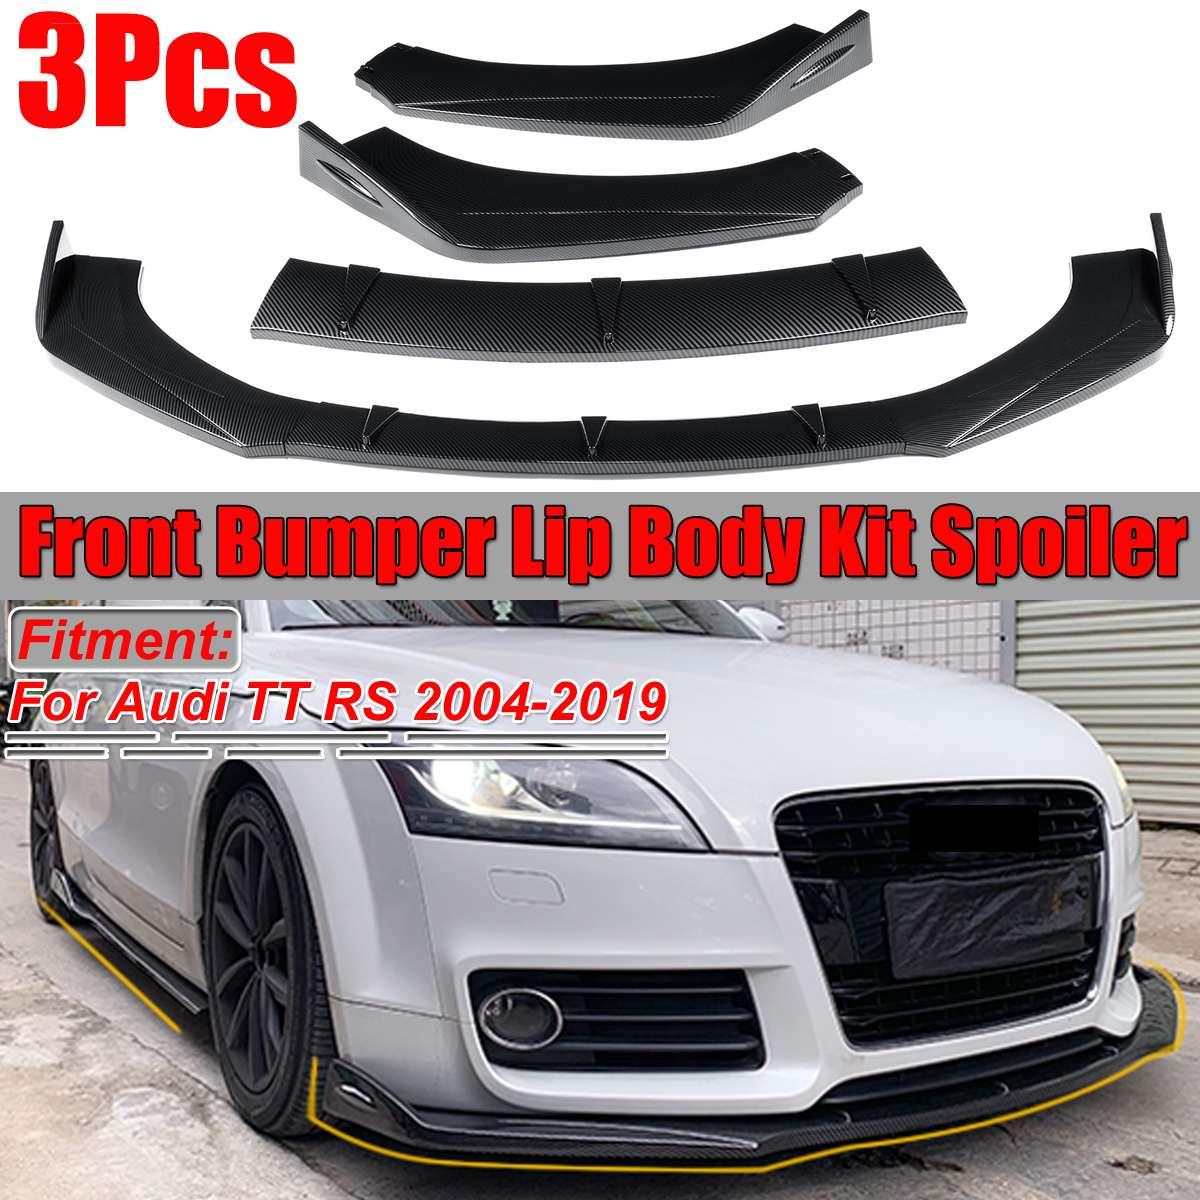 Fibre de carbone Look/brillant/noir mat voiture avant pare-chocs séparateur lèvre corps Kit becquet diffuseur protecteur pour Audi TT RS 2004-2019